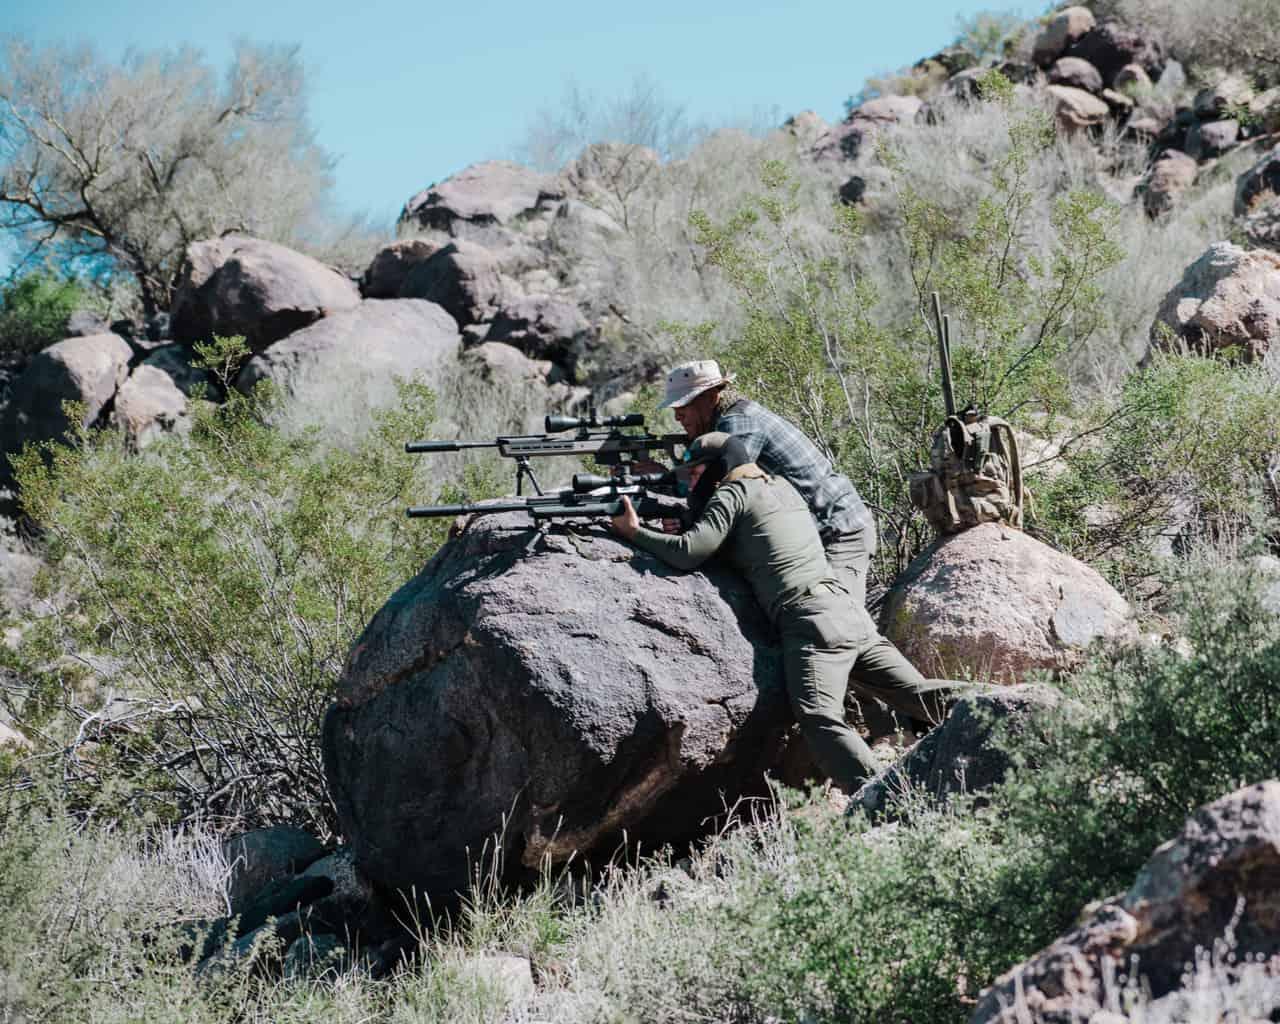 advanced-rural-sniper-course-12